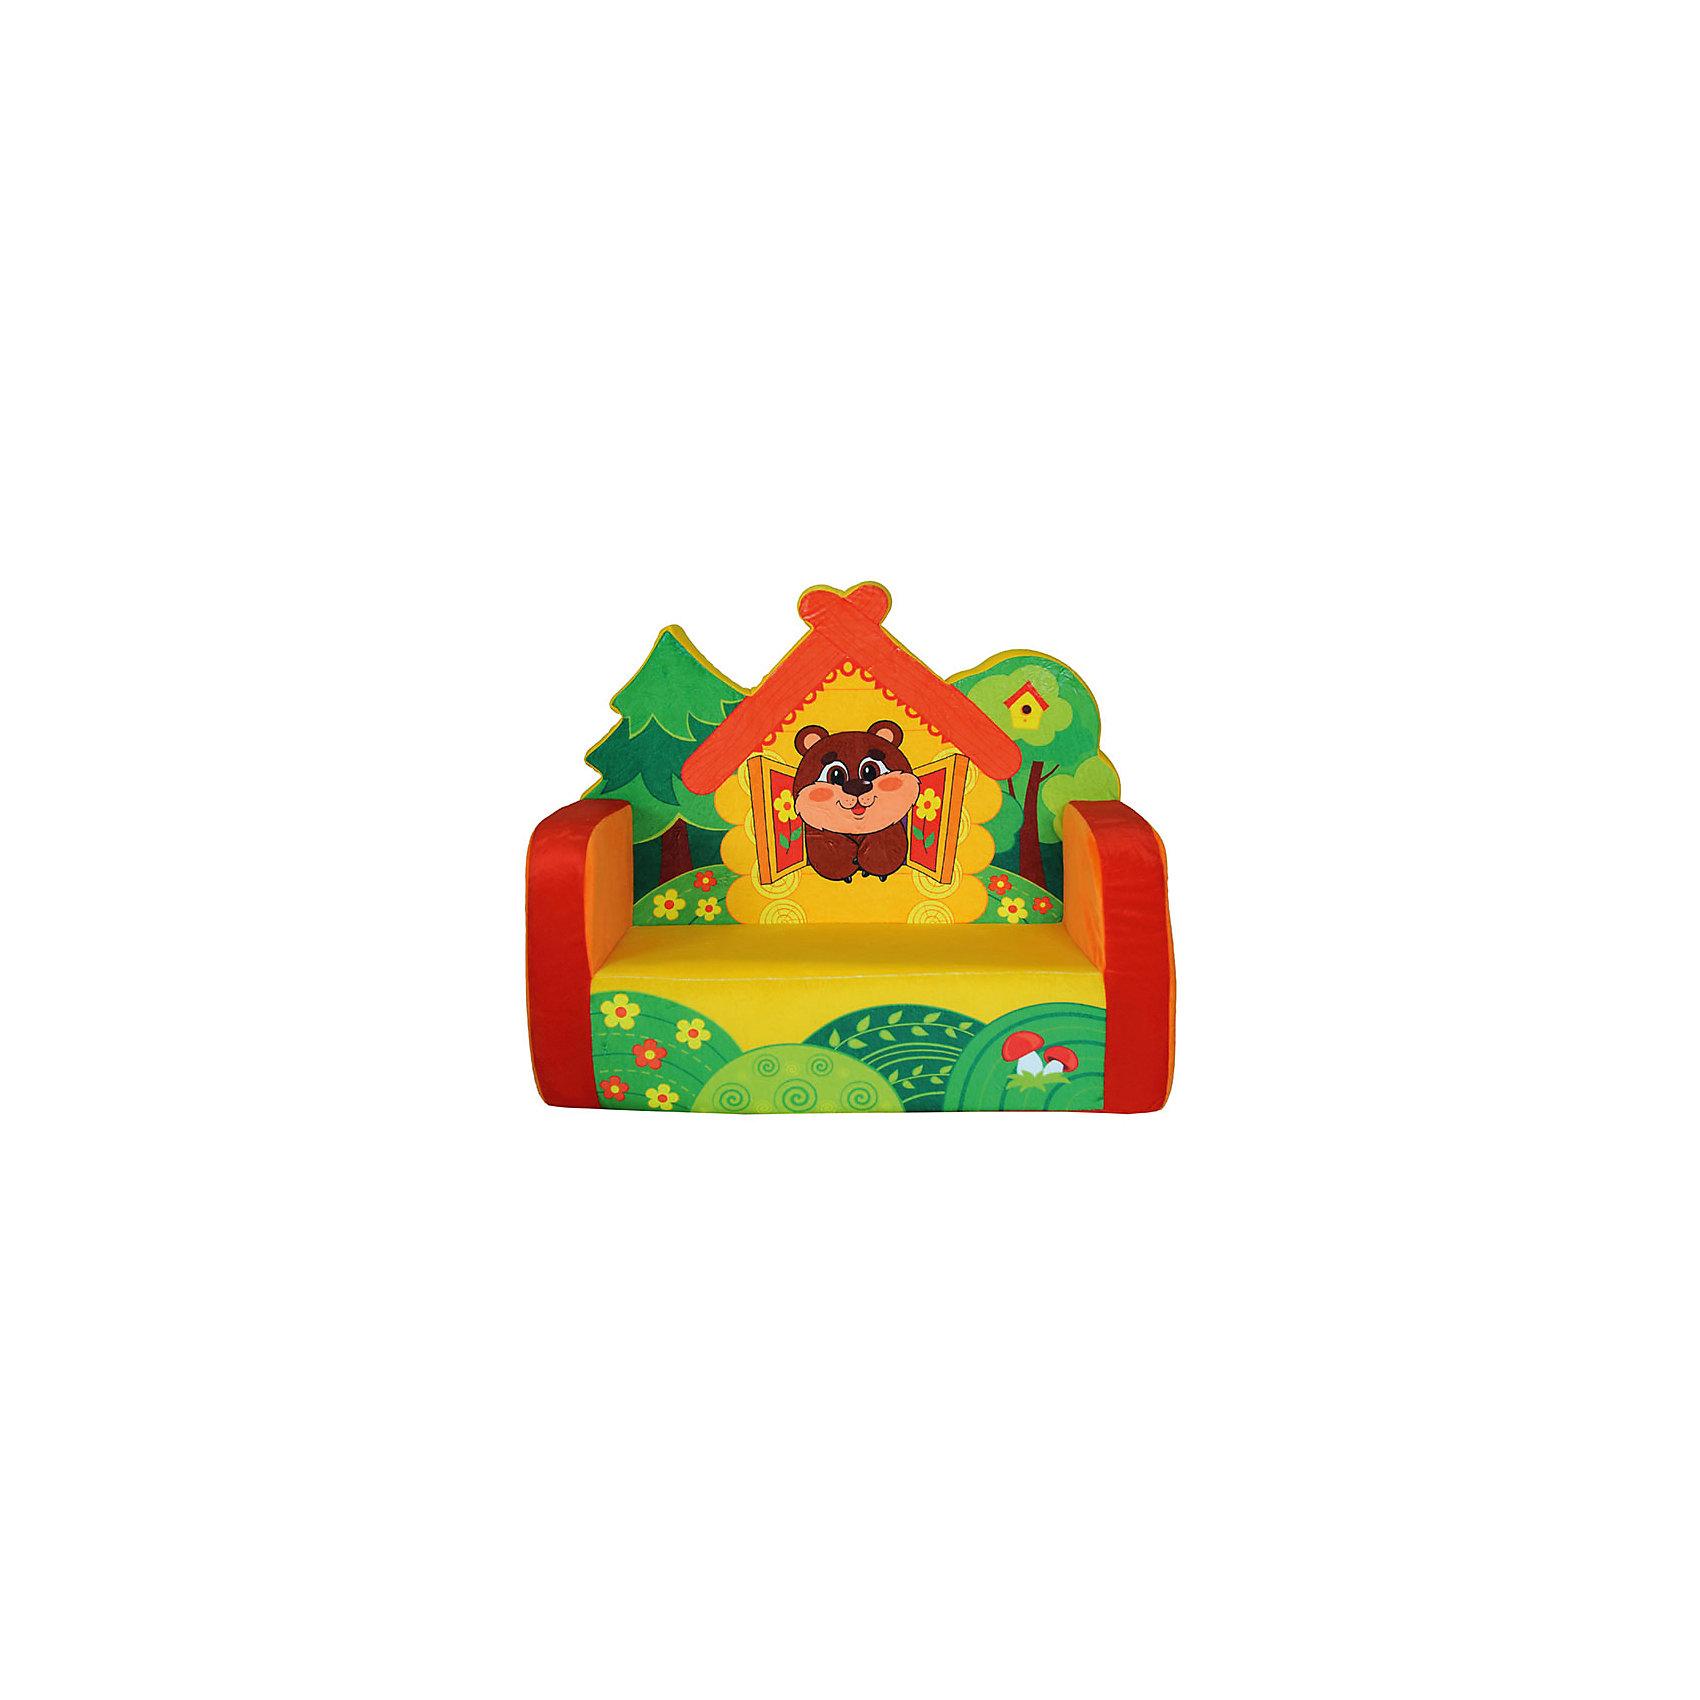 Диван ТеремокМаленький диван Теремок  для малышей функционален и декоративен, ведь он украшен яркой красочной иллюстрацией в виде бурого медвежонка, выглядывающего из избушки.<br>Спинка дивана имеет необычную резную форму в виде двух деревьев и крыши домика, что придает изделию необычный вид. Такой диванчик очарует многих детей, а благодаря нейтральной расцветке, он впишется в интерьер комнаты как мальчиков, так и девочек. Покрытие дивана выполнено из приятного на ощупь, гладкого текстиля, а внутренняя часть сделана из поролона.<br><br>Дополнительная информация: <br><br>- цвет: оранжевый, желтый, коричневый, зеленый.<br>- материл: текстиль, поролон.<br>- размер: 70* 35 *58 см.<br>- размер упаковки: 38*69*60 см.<br>- материал: поролон, искусственный мех<br>- вес: 1,82 кг.<br><br>Диван Теремок можно купить в нашем интернет-магазине.<br><br>Ширина мм: 70<br>Глубина мм: 35<br>Высота мм: 58<br>Вес г: 1700<br>Возраст от месяцев: 36<br>Возраст до месяцев: 2147483647<br>Пол: Унисекс<br>Возраст: Детский<br>SKU: 4627618